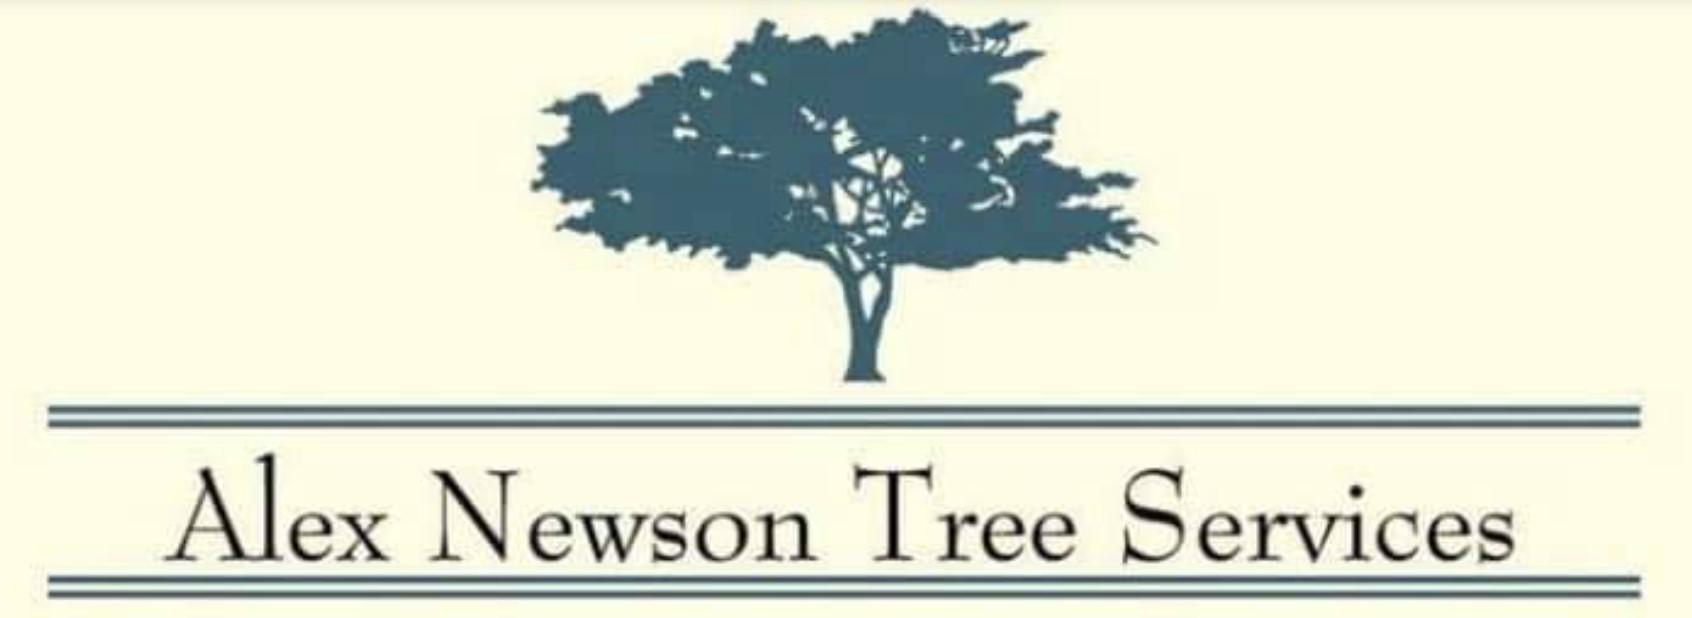 21 05 09 Alex Newson